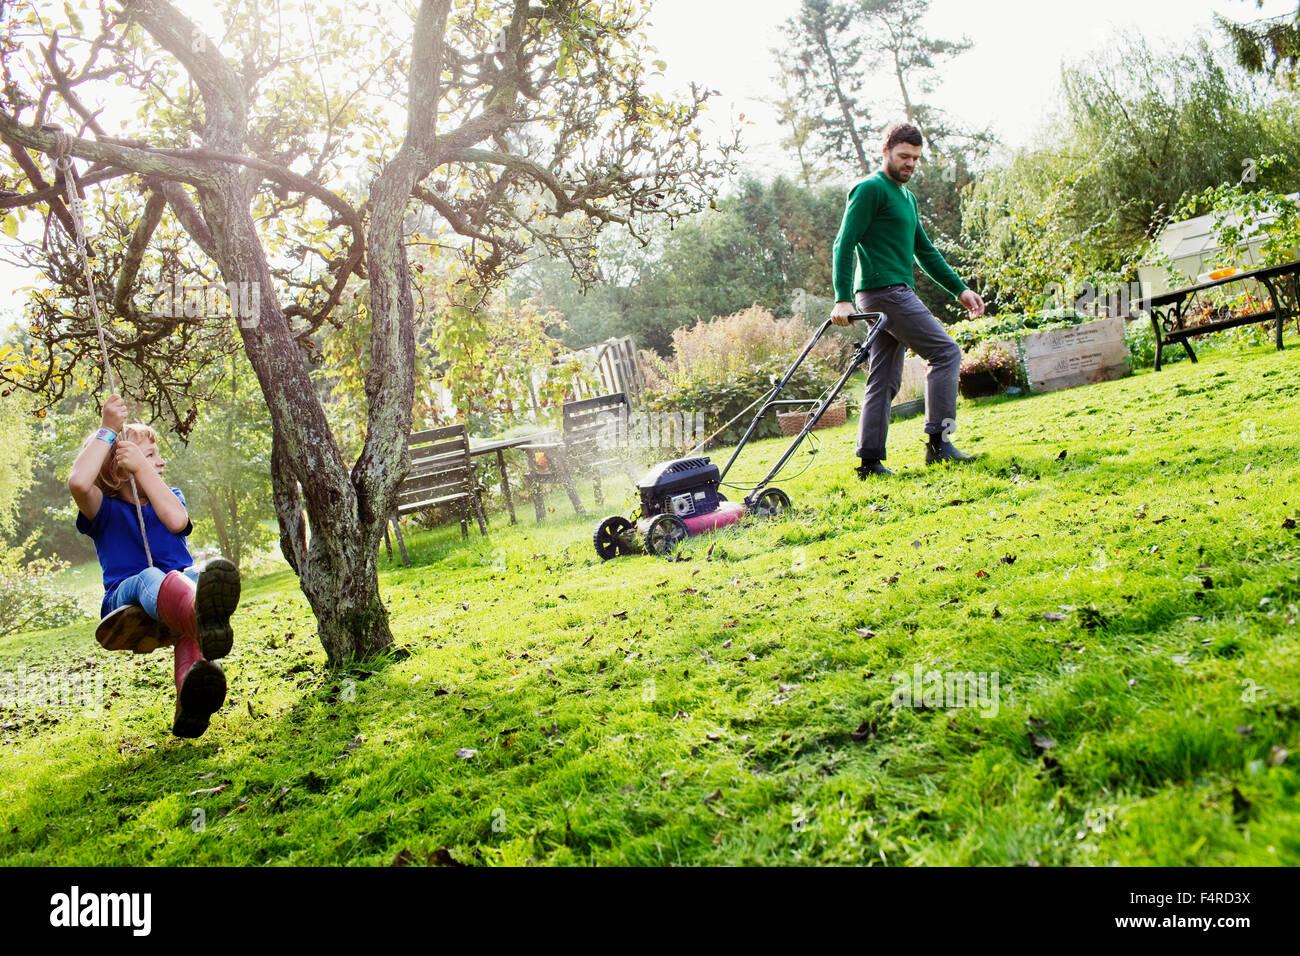 La Svezia, Skane, Osterlen, Borrby, padre e figlio (4-5) nel giardino interno Immagini Stock